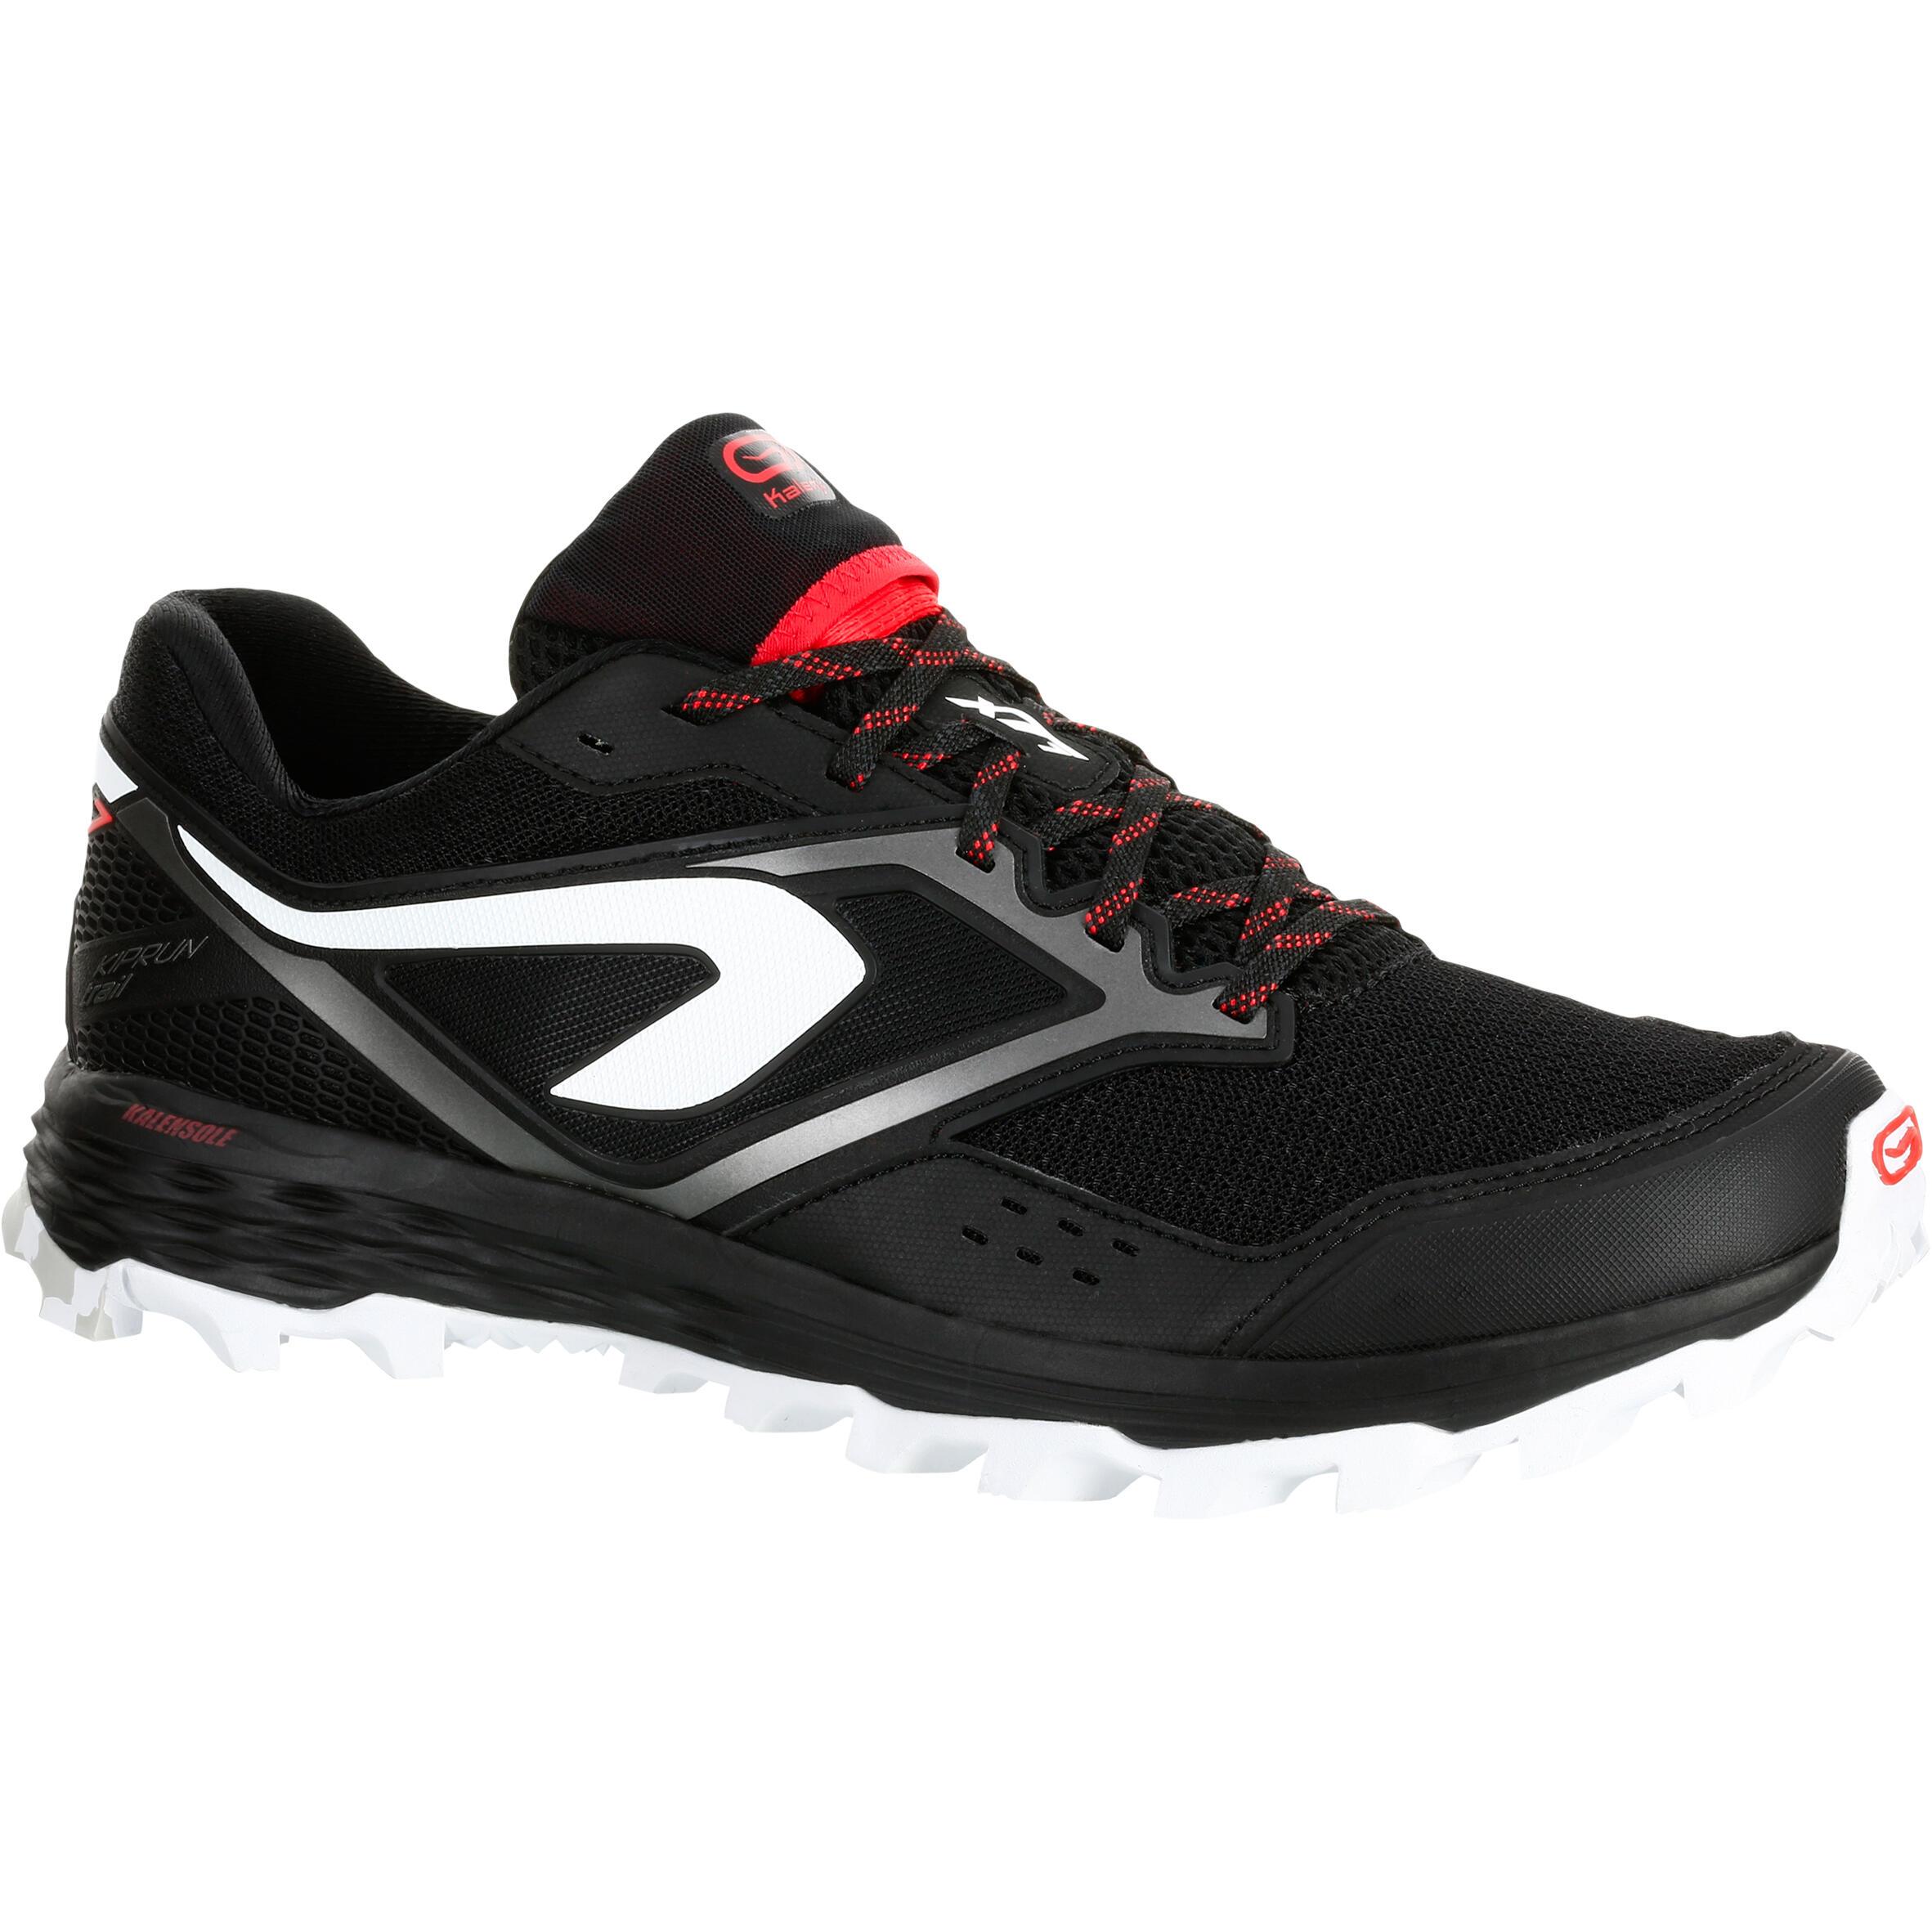 5eb91d144e2 Kalenji Trailschoenen voor heren Kiprun Trail XT 7 zwart zilver